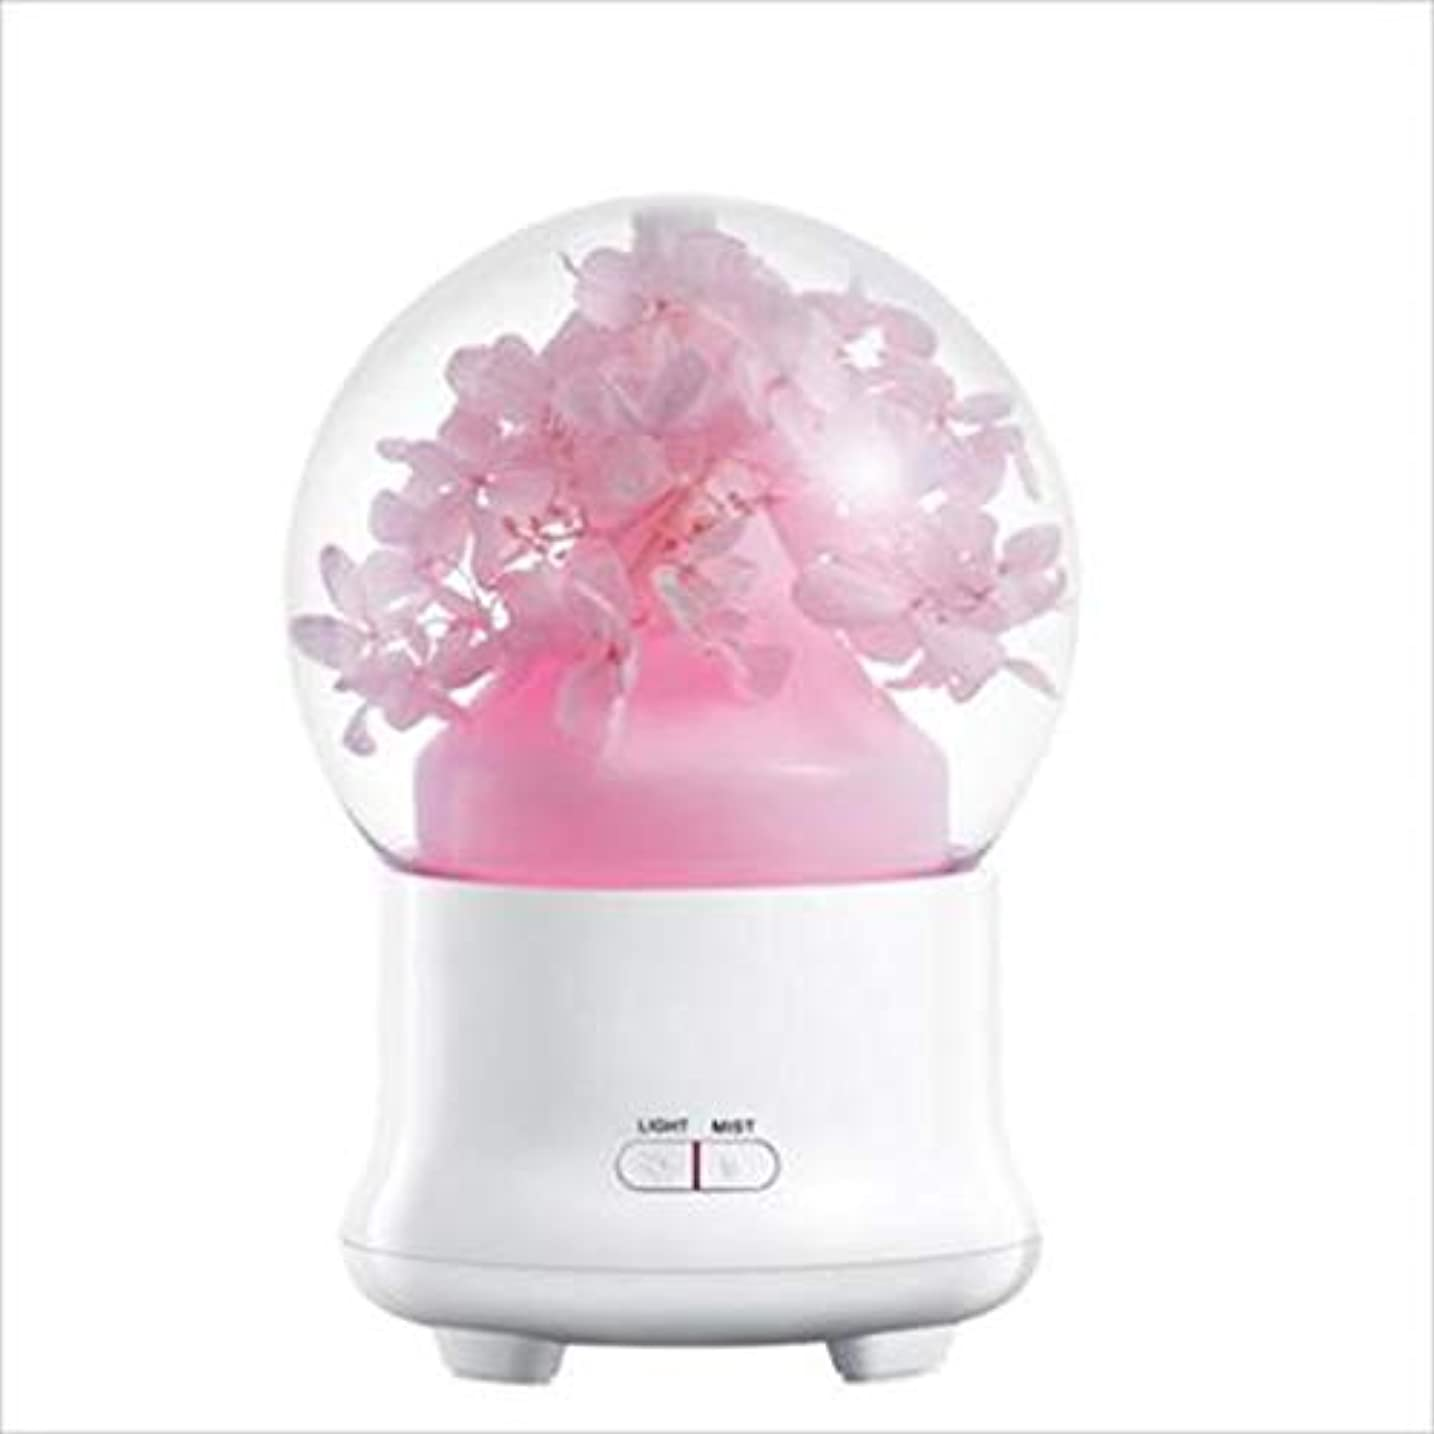 乗り出す交通渋滞しつけ永遠の花加湿器ミュート超音波空気清浄器ホームオフィス保湿カラフルな発光スプレー (Color : Pink)